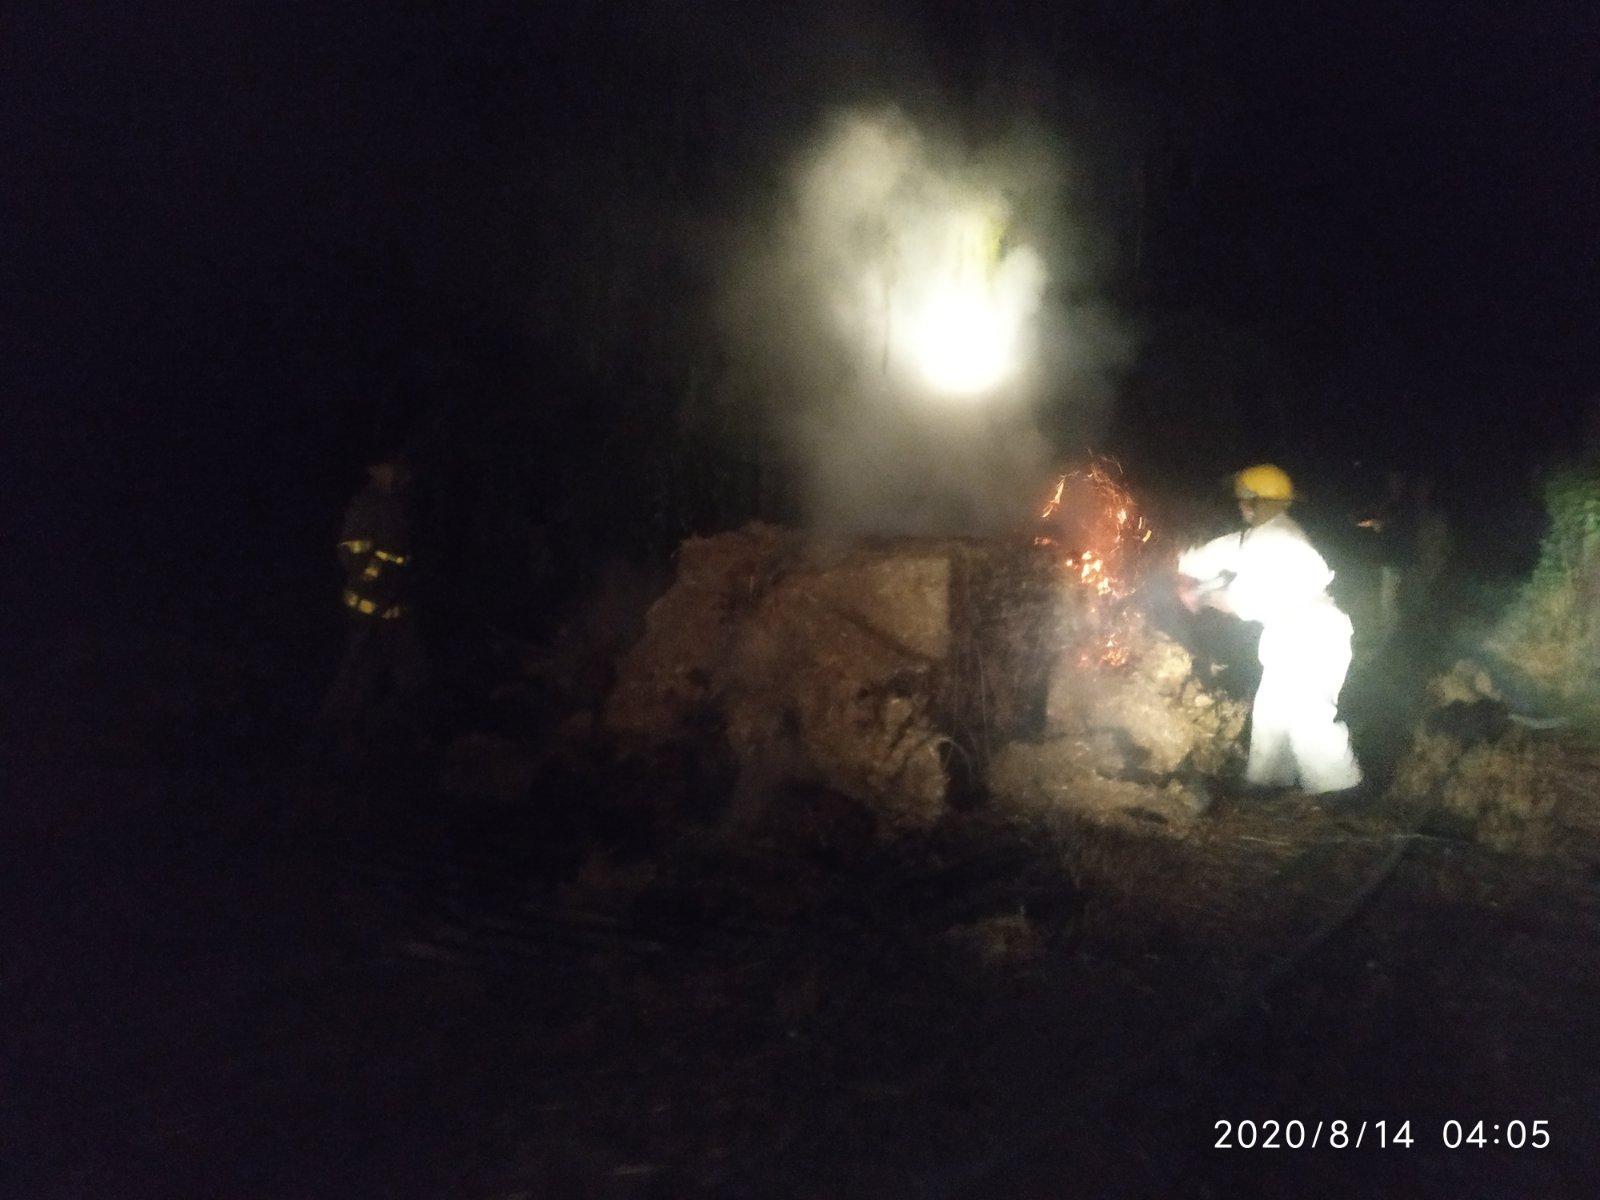 На Сквирщині вирують пожежі - Сквира, пожежі, ГУ ДСНС у Київськійобласті, вогонь - IMG 6012289fe842811d022a0881aa7d0aaa V